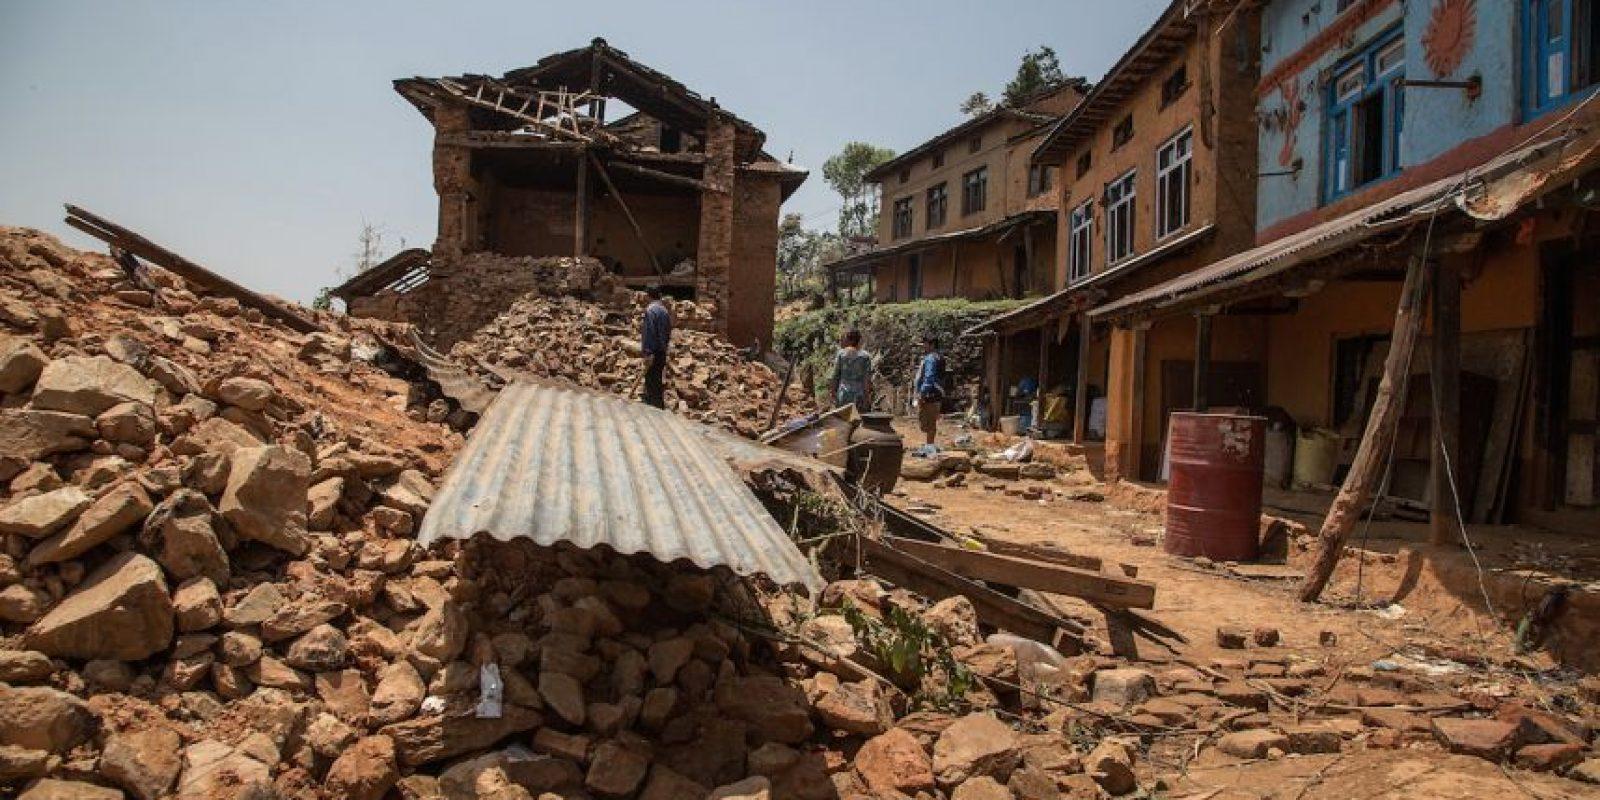 """El Gobierno de Nepal estima que la reconstrucción de Nepal costará unos cinco mil millones de dólares. El periódico español """"El Mundo"""" detalló que la reconstrucción equivale al 20% del Producto Interno Bruto (PIB) de Nepal. Foto:Getty Images"""